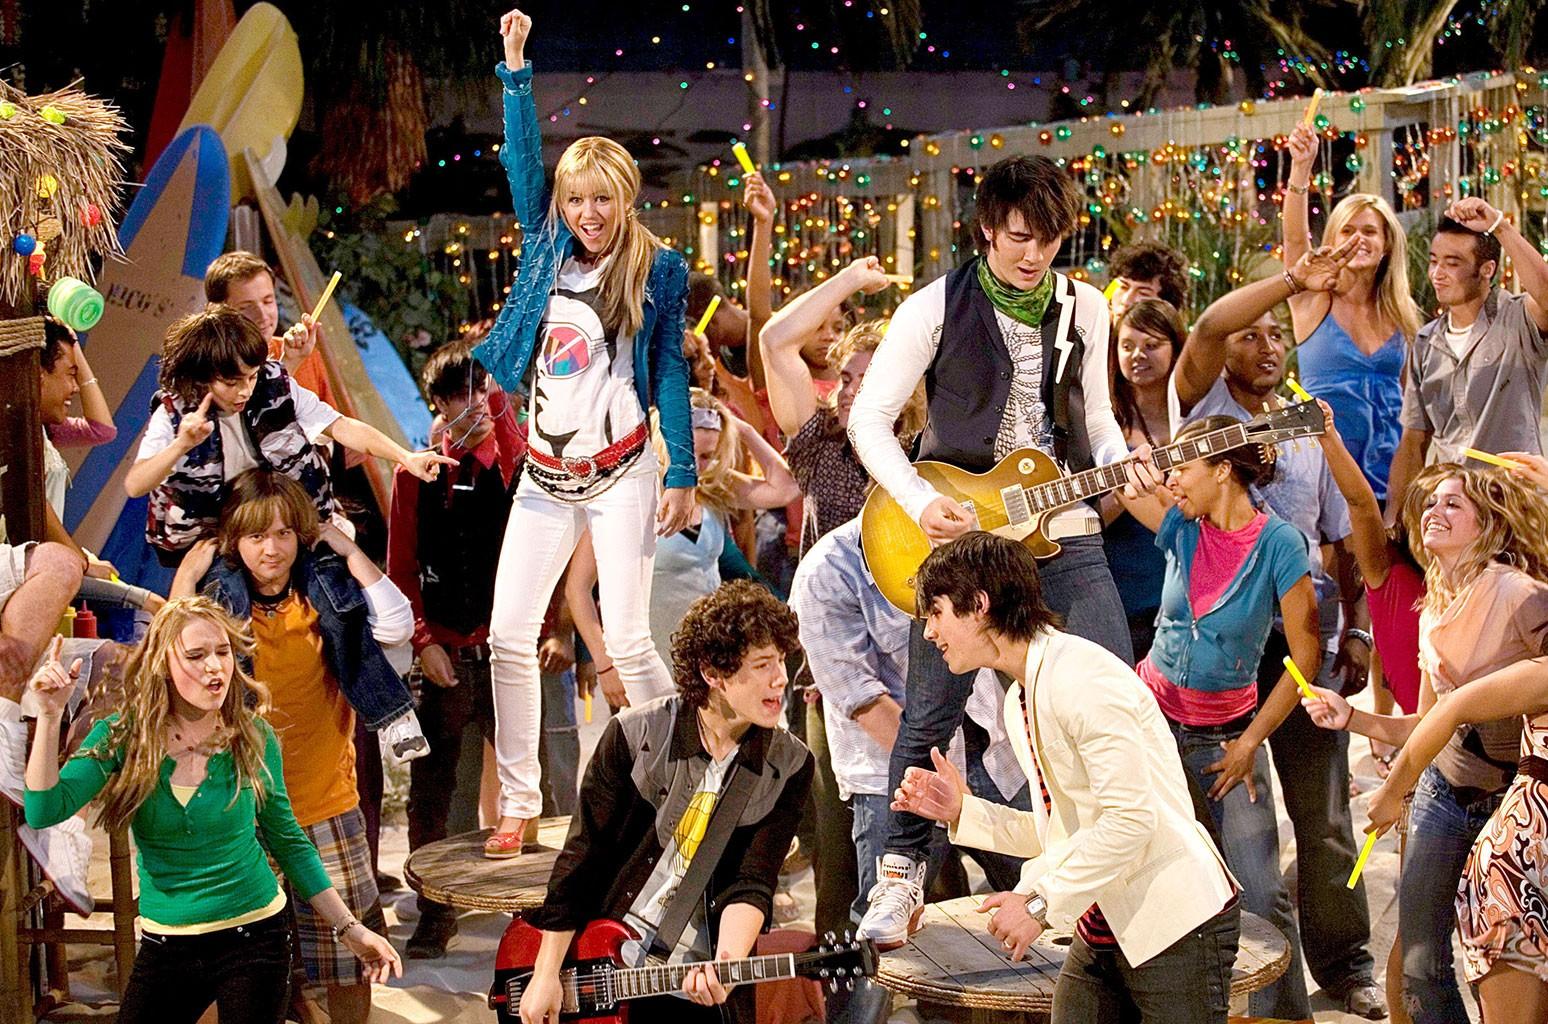 Miley Cyrus, Nick Jonas, Kevin Jonas and Joe Jonas Hannah Montana in 2007